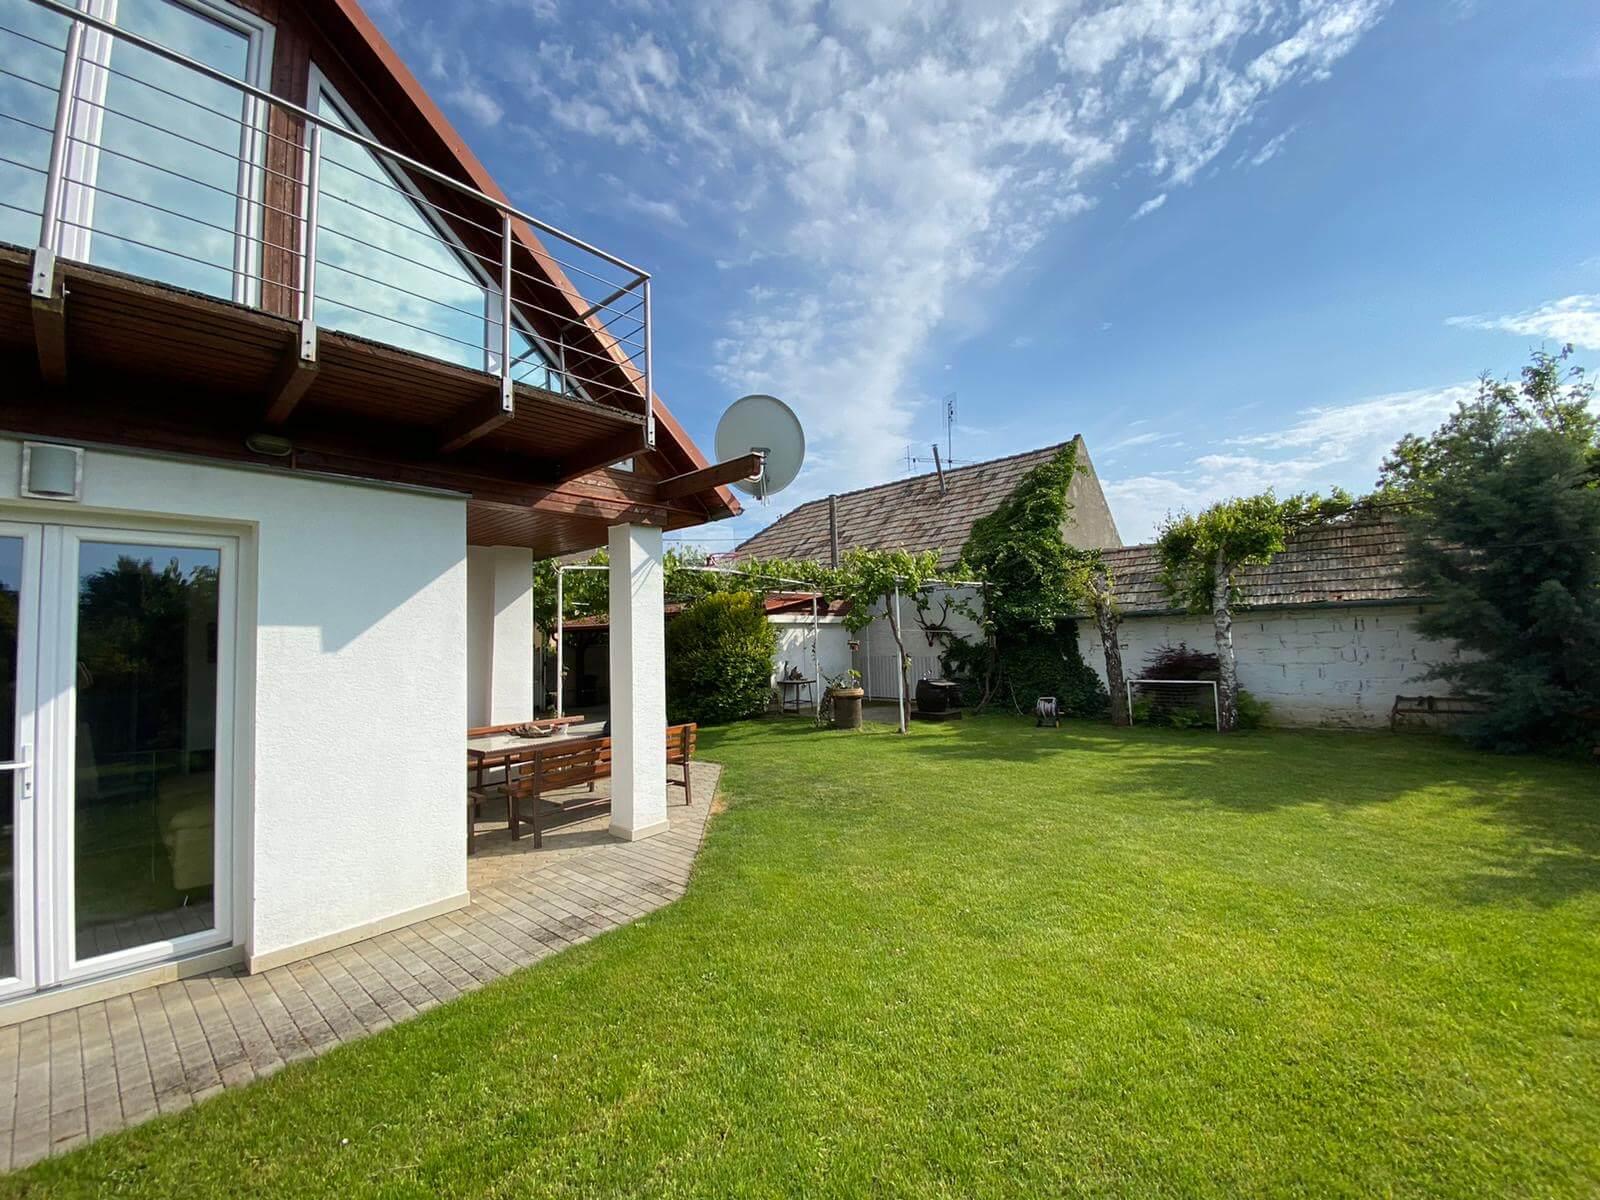 Predané: Predaj Rodinný dom v Šoporni, v tichej lokalite, pozemok 674m2, úžitková plocha 181m2,záhrada, kôlňa-6